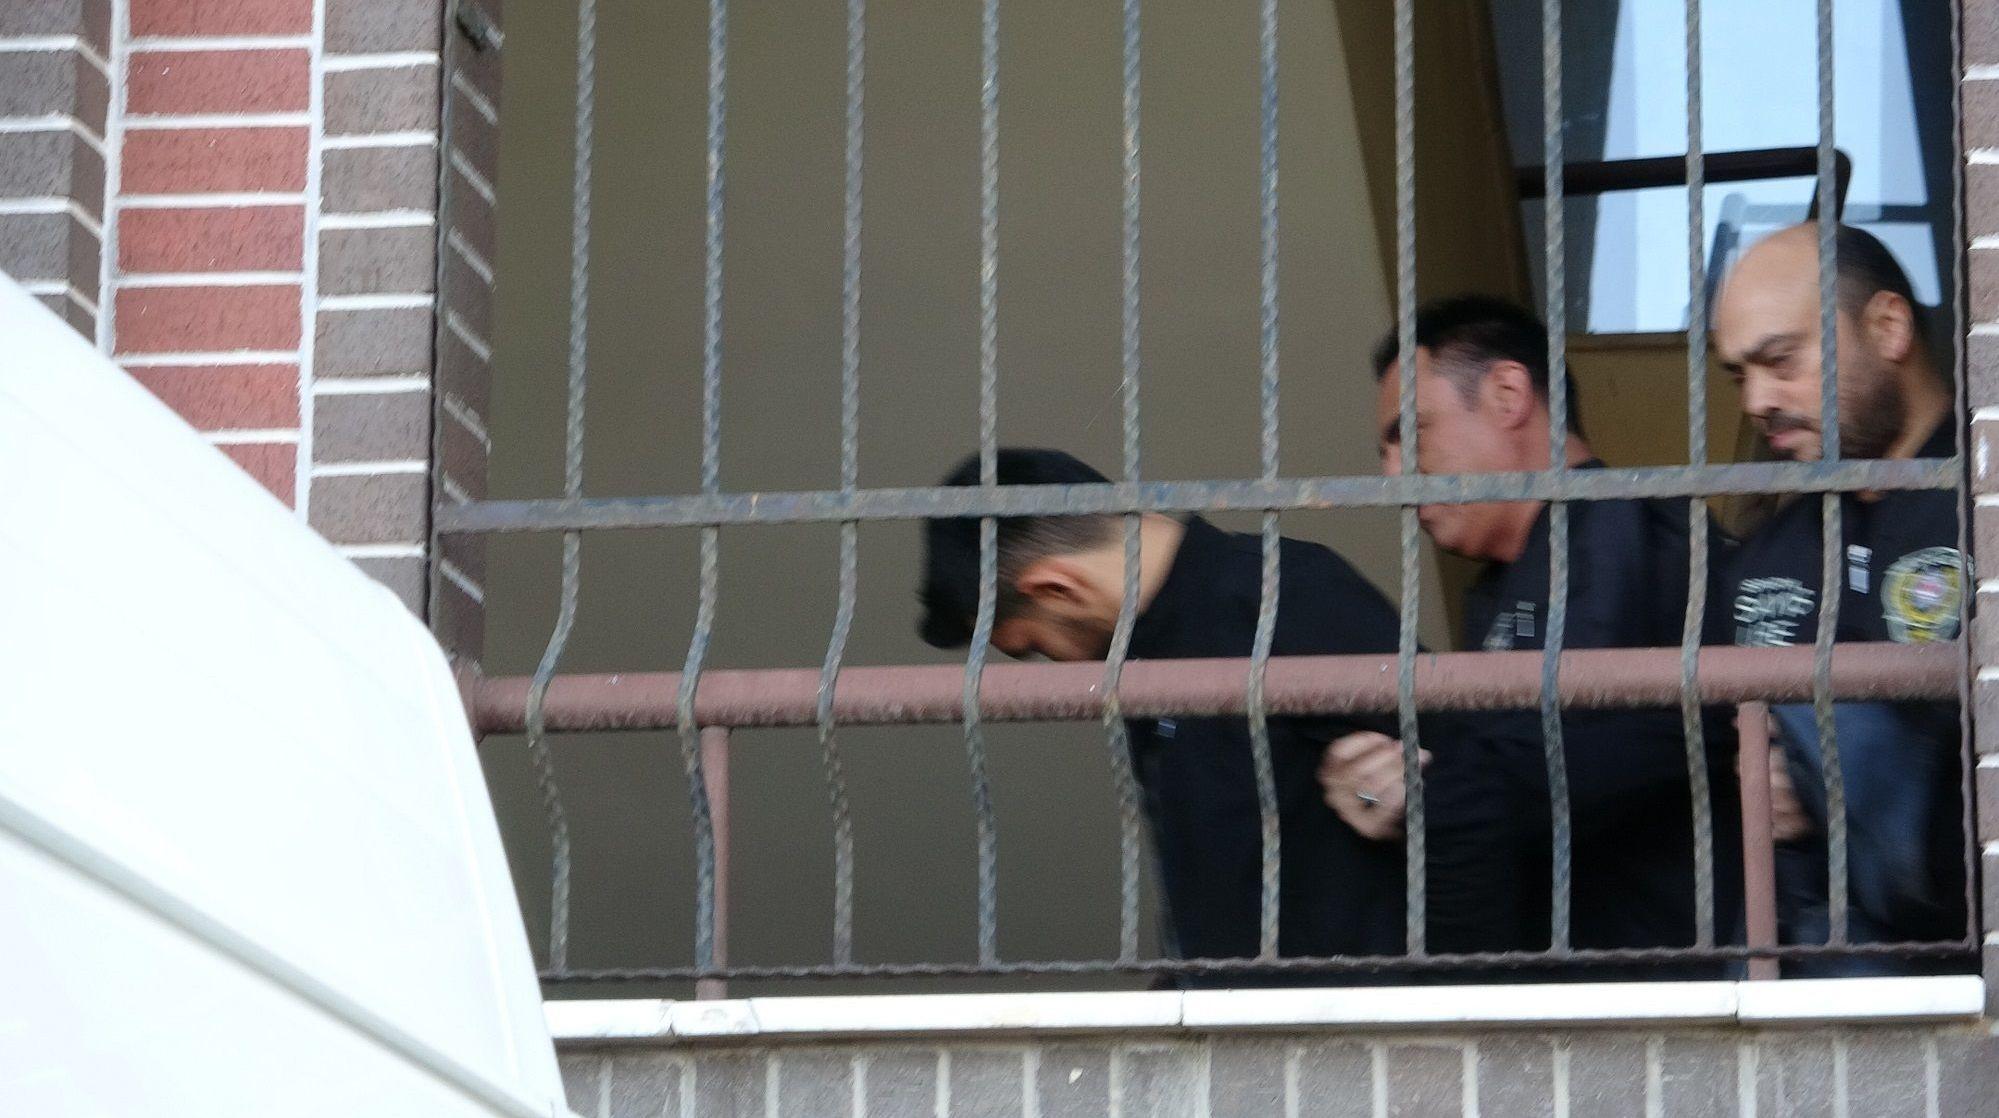 Polis ekipleri, Zafer P.'nin çıkışı sırasında, gazetecilerin görüntü almaması için ekip aracını adeta adliye binasının içine kadar soktu. Zanlı üst kattaki merdivenler inişinde kısa süre görüntülenirken, ekip aracına bindirildikten sonra adliyeden götürüldü.